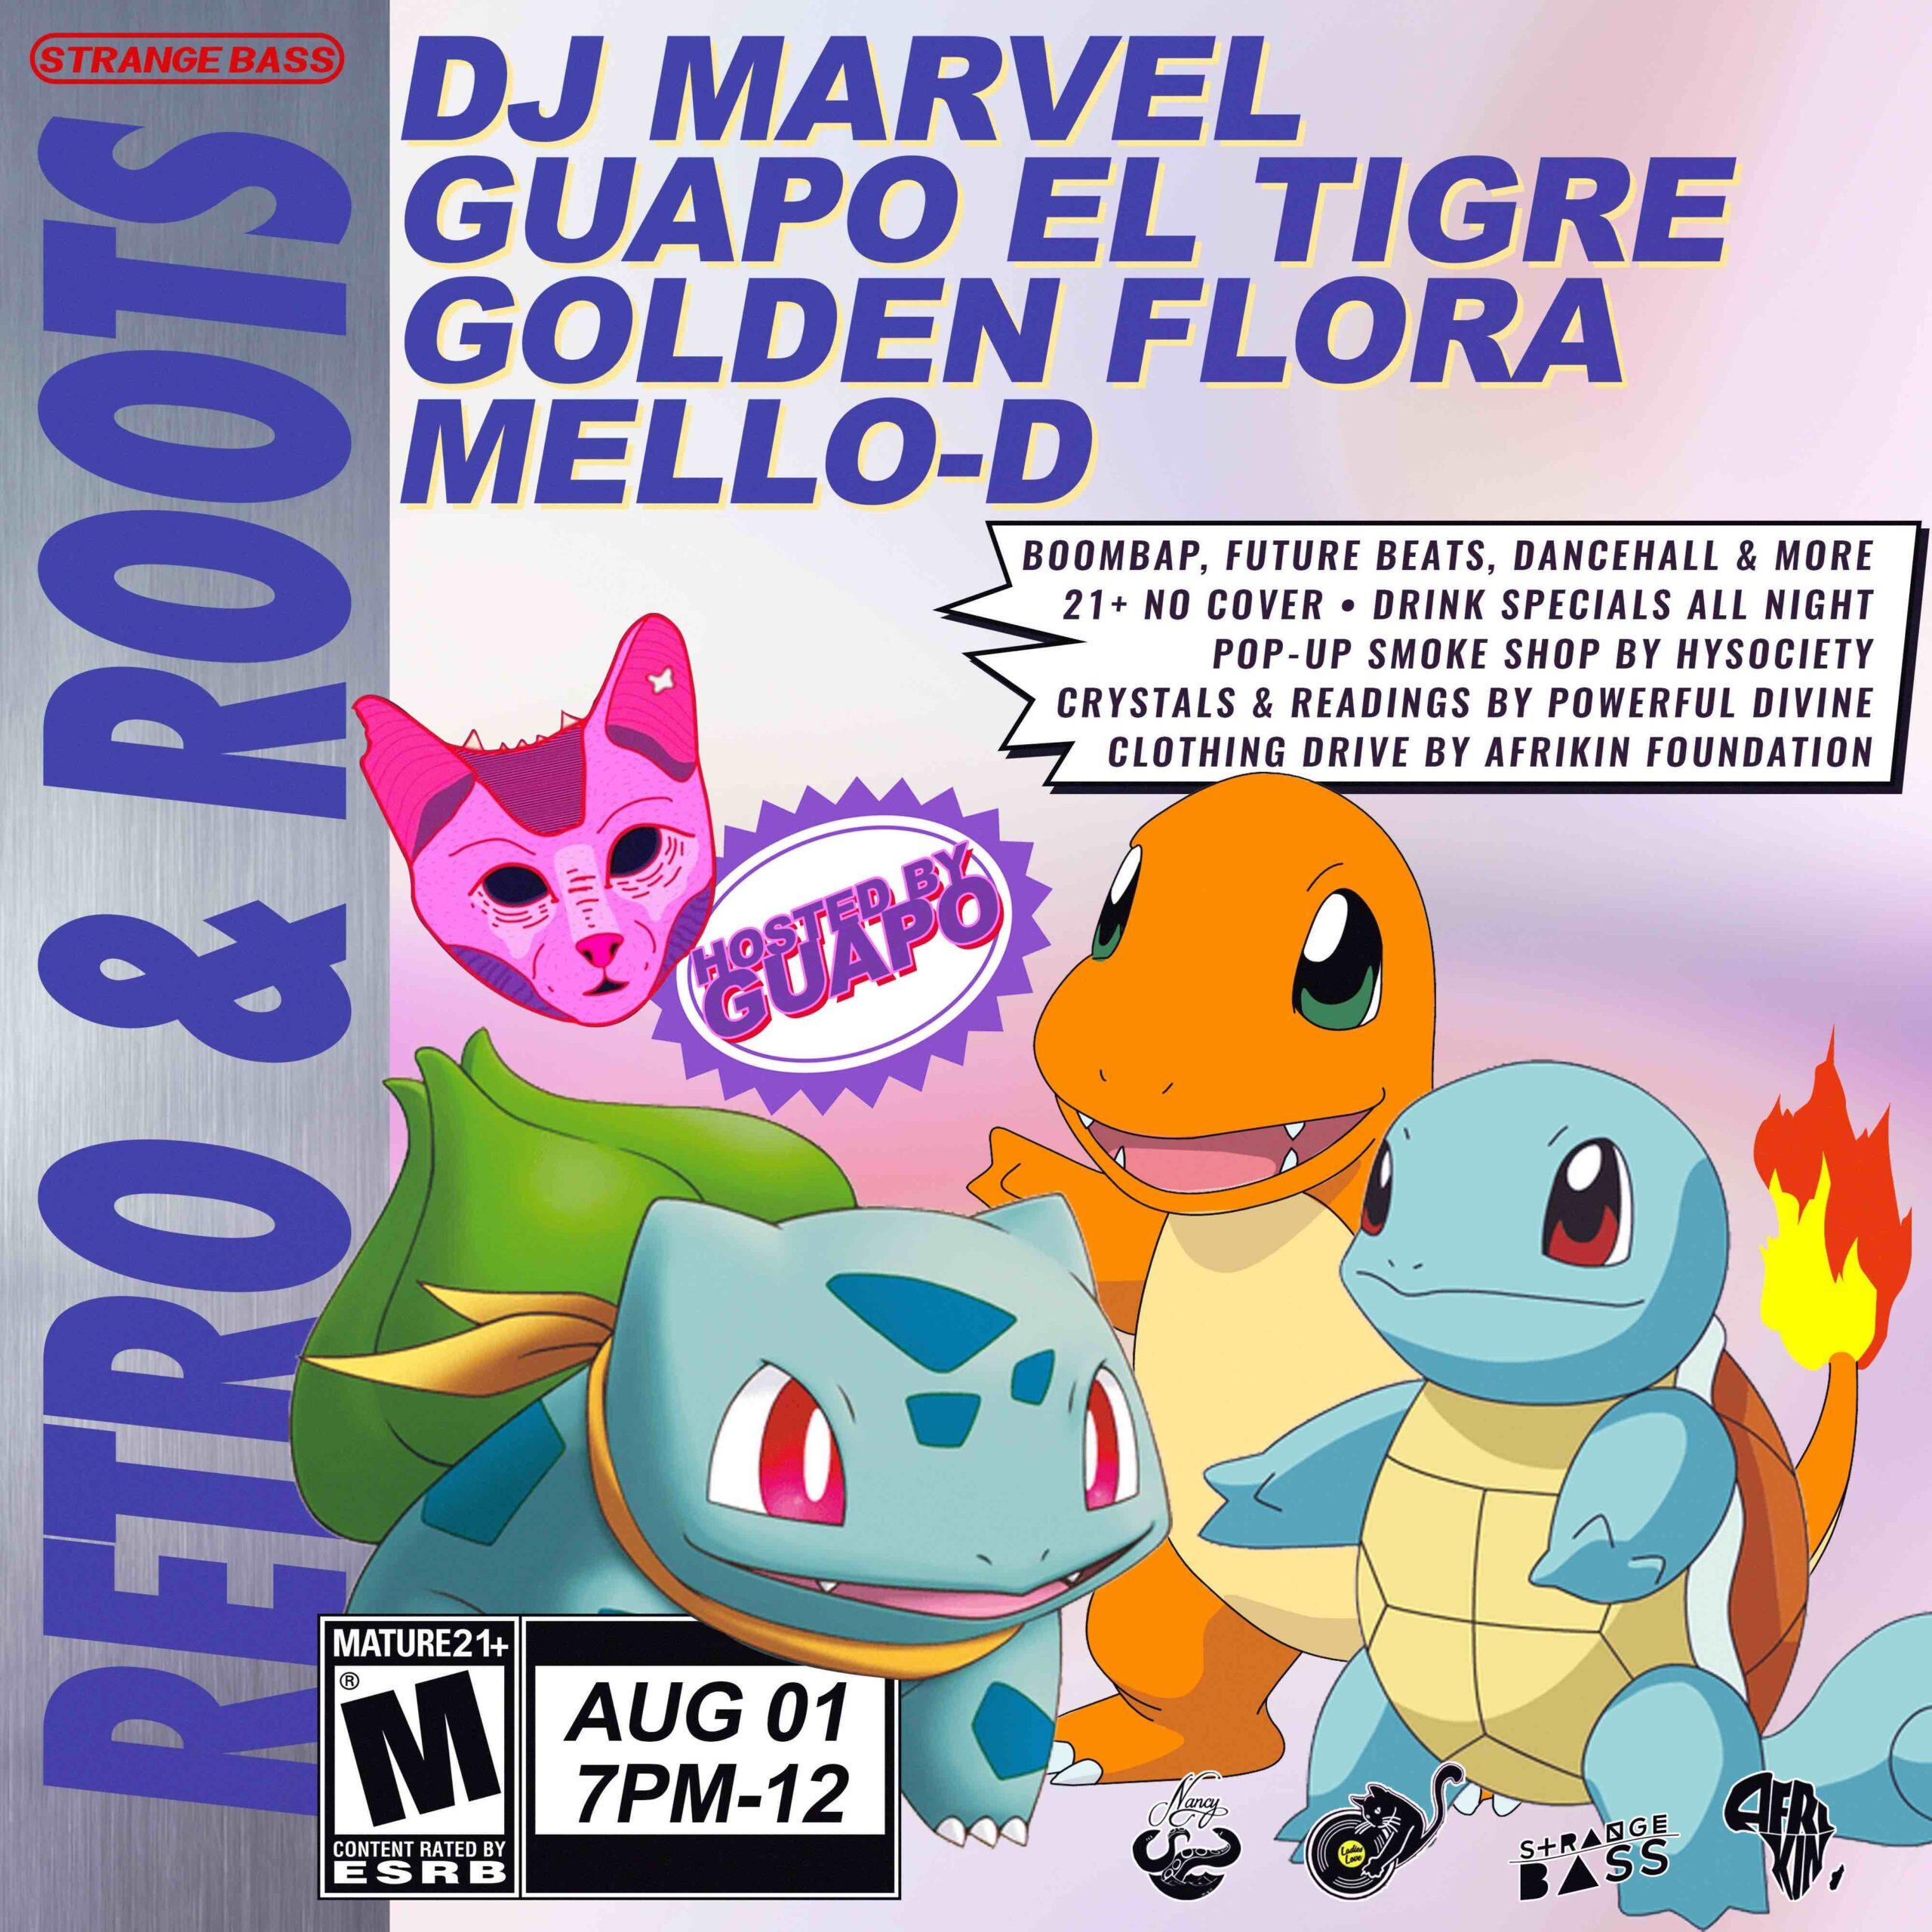 DJ MARVEL - GUAPO EL TIGRE - GOLDEN FLORA - MELLLO-D @ BAR NANCY